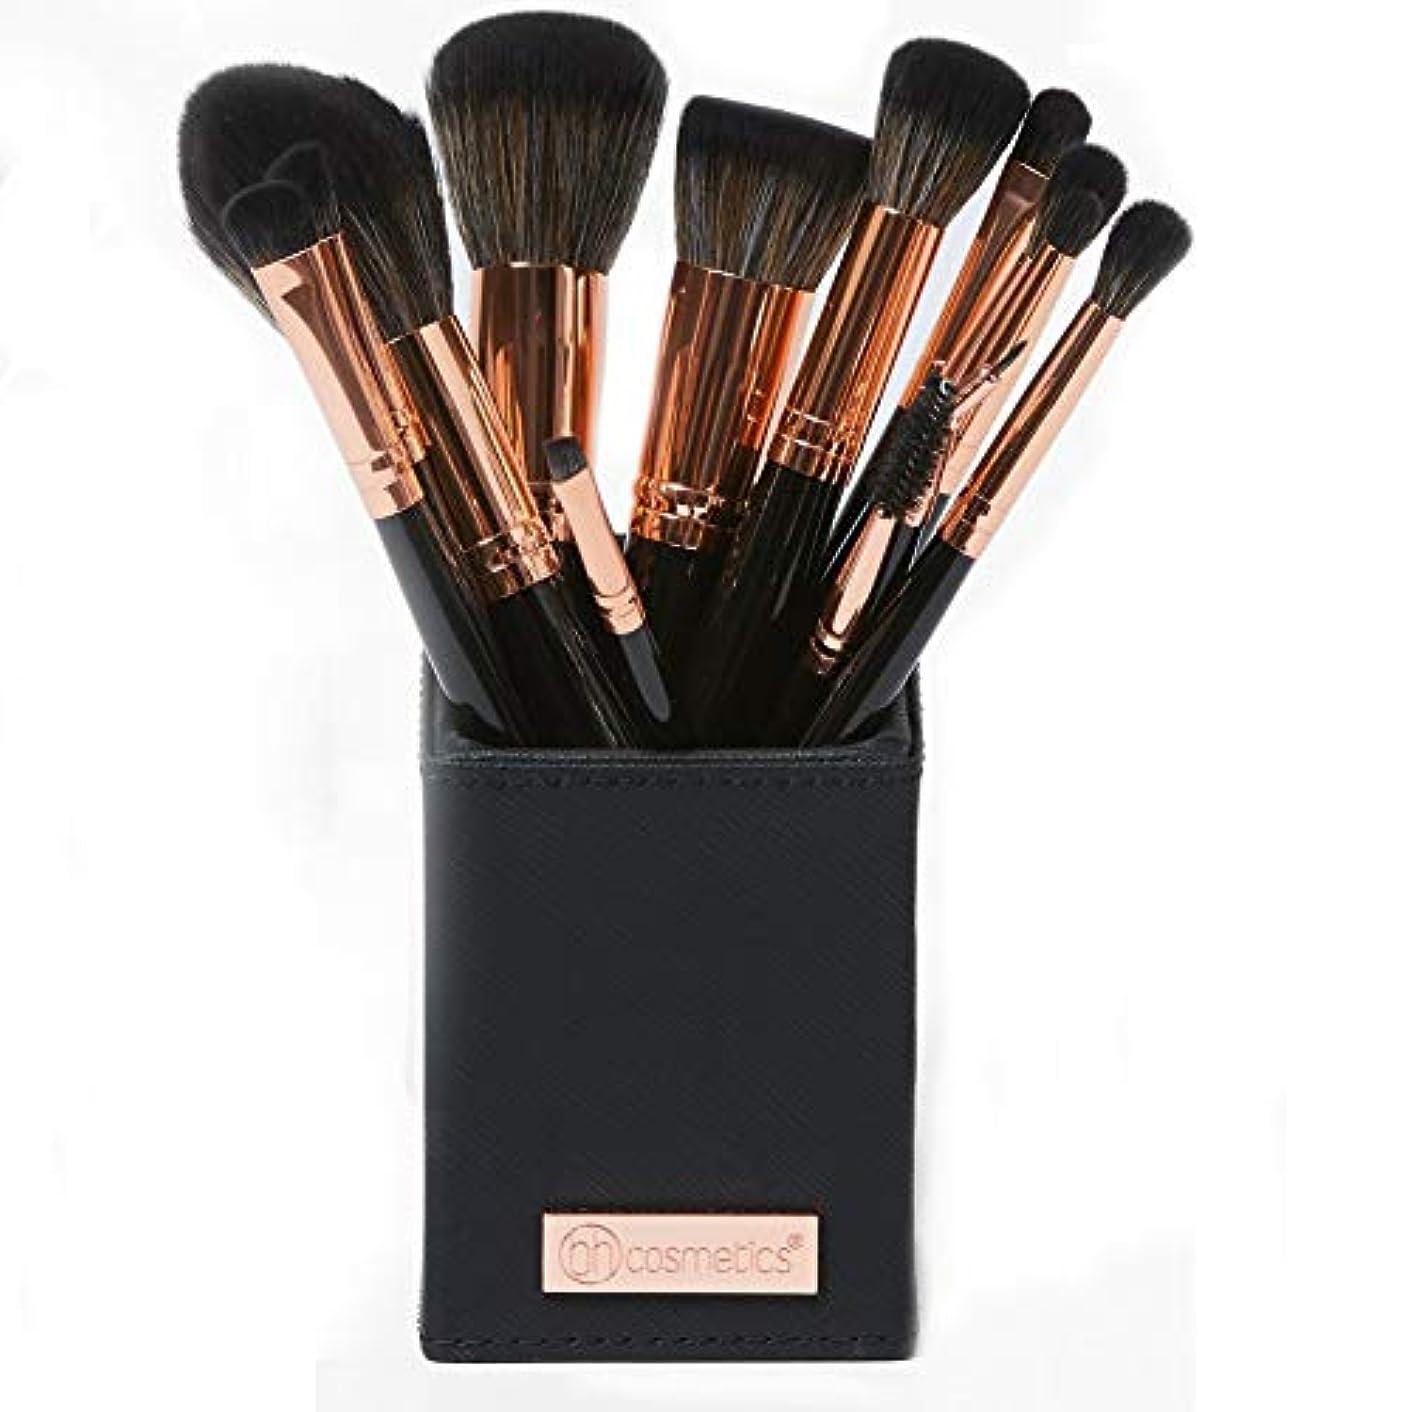 リンケージフィルタ週間BH cosmetics メイクブラシ アイシャドウブラシ 化粧筆 貴族のゴールド メイクブラシセット13本セット 多機能メイクブラシケース付き収納便利